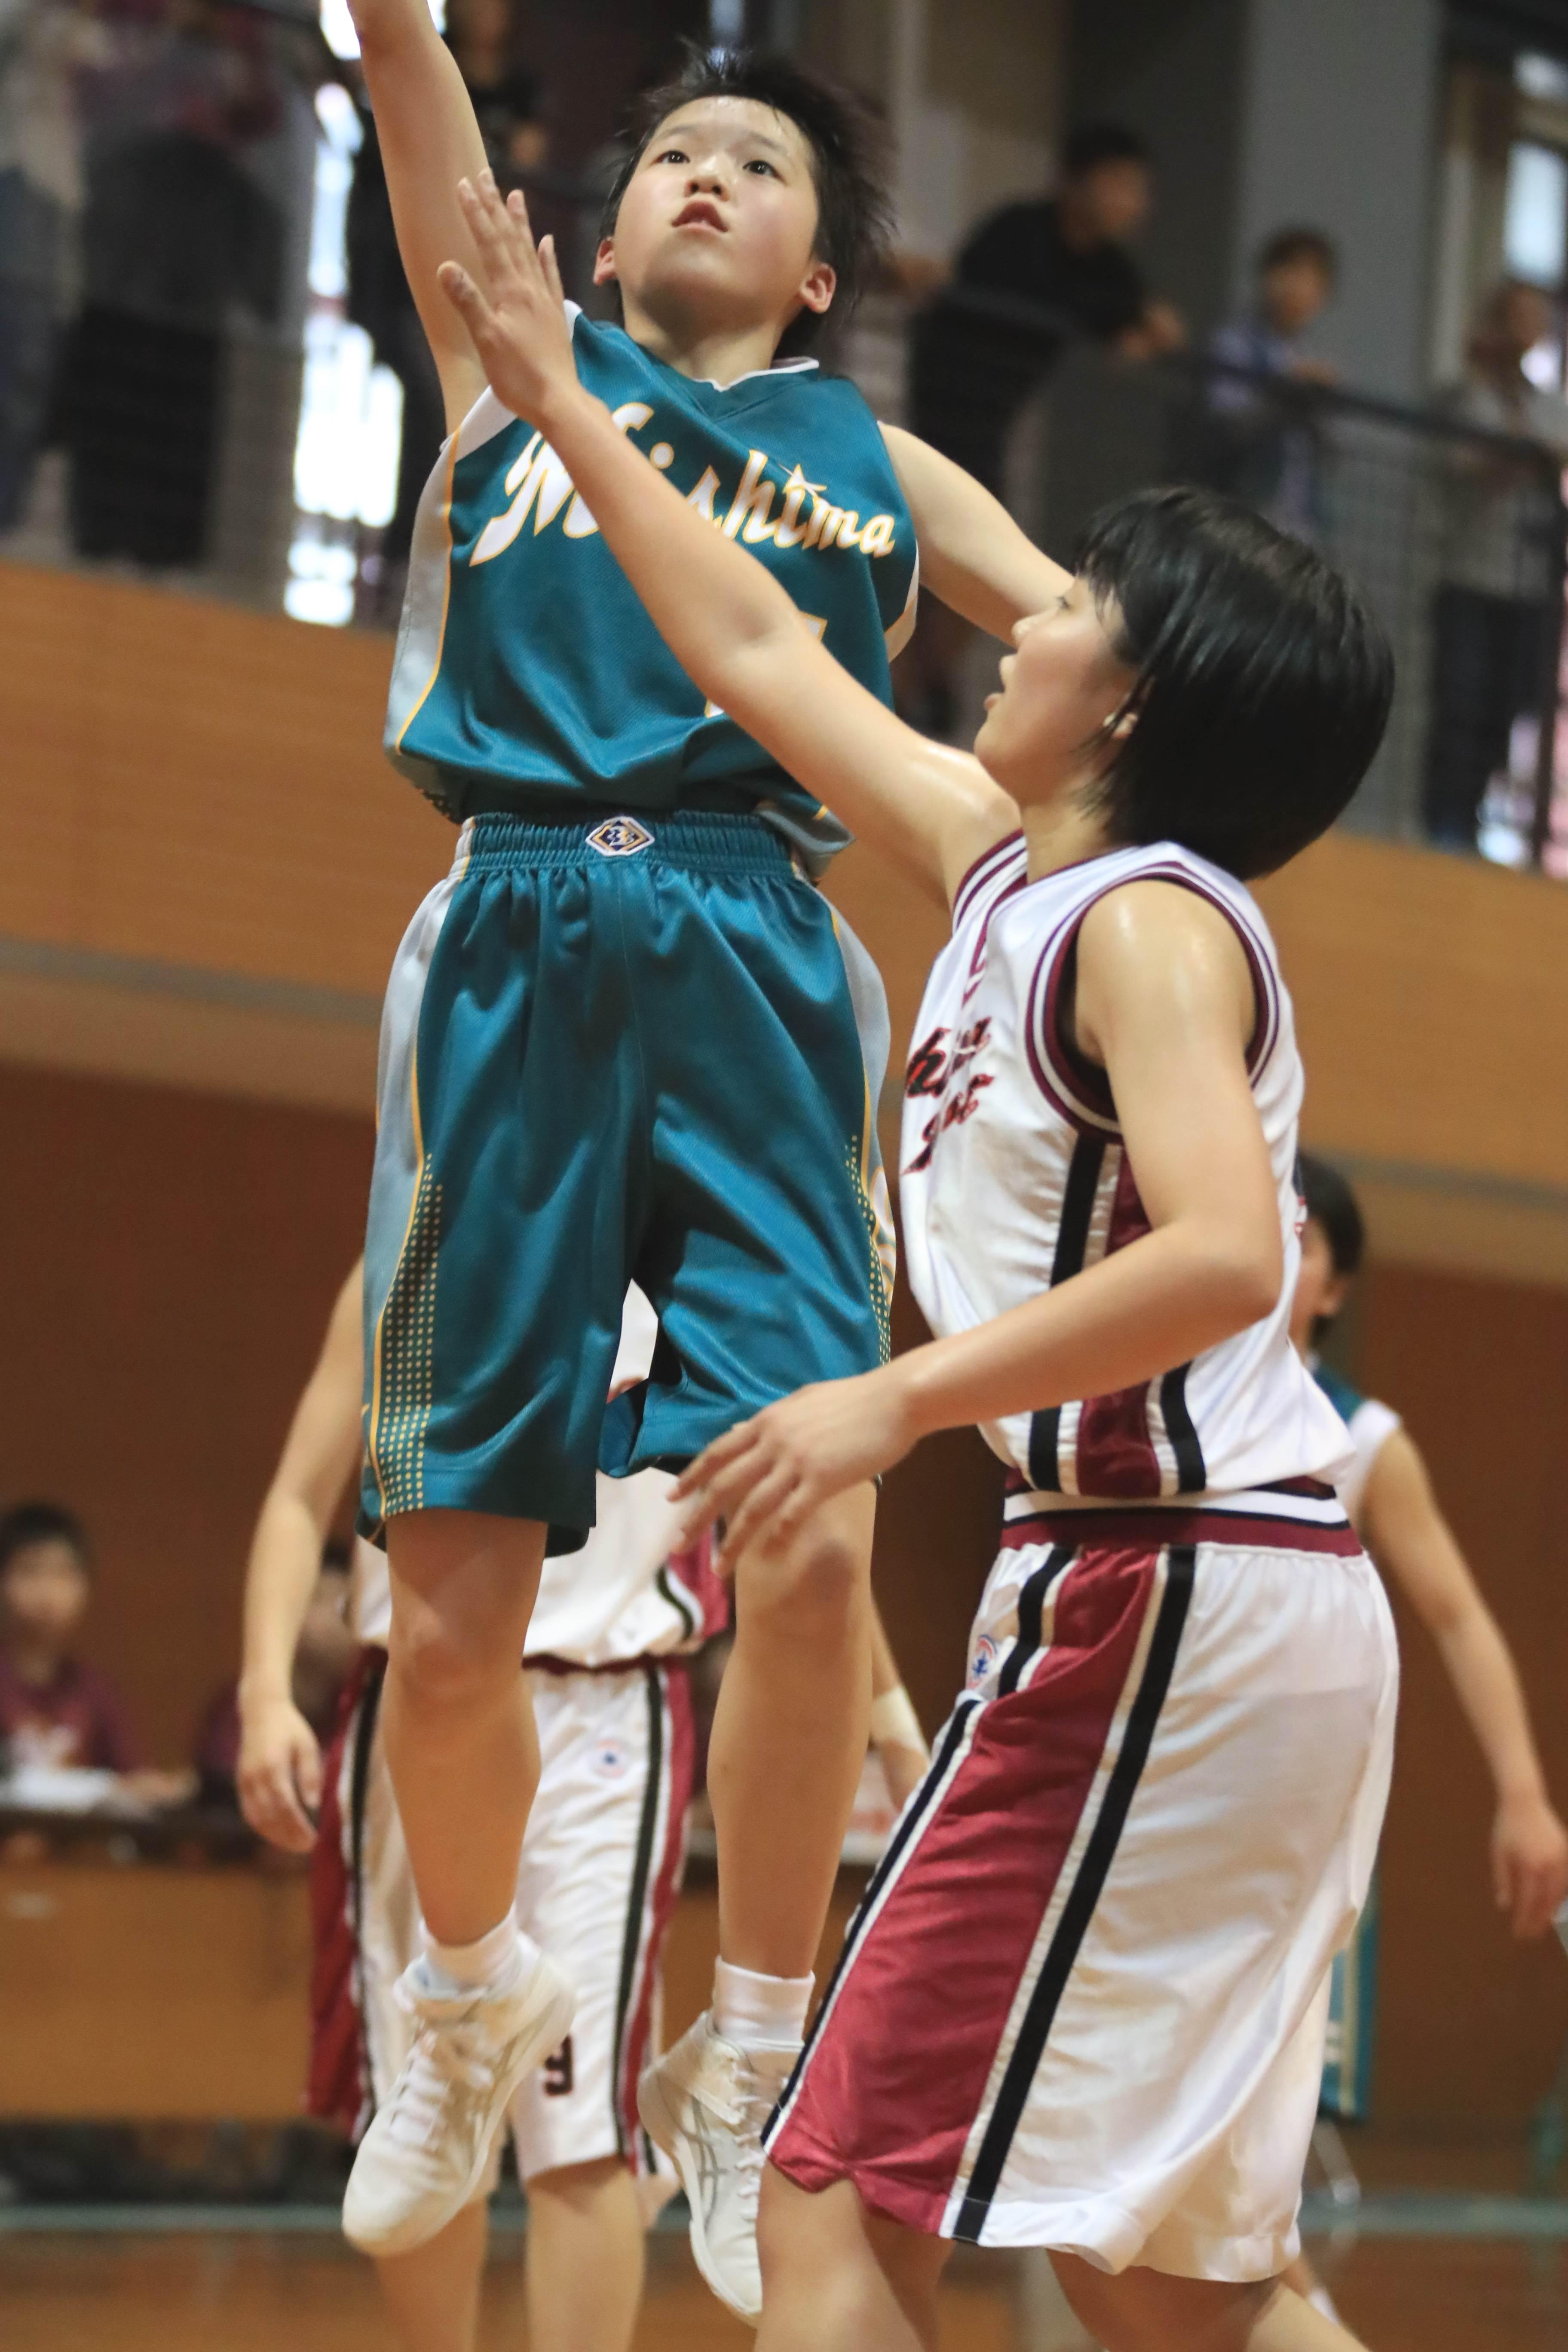 バスケットボール (74)